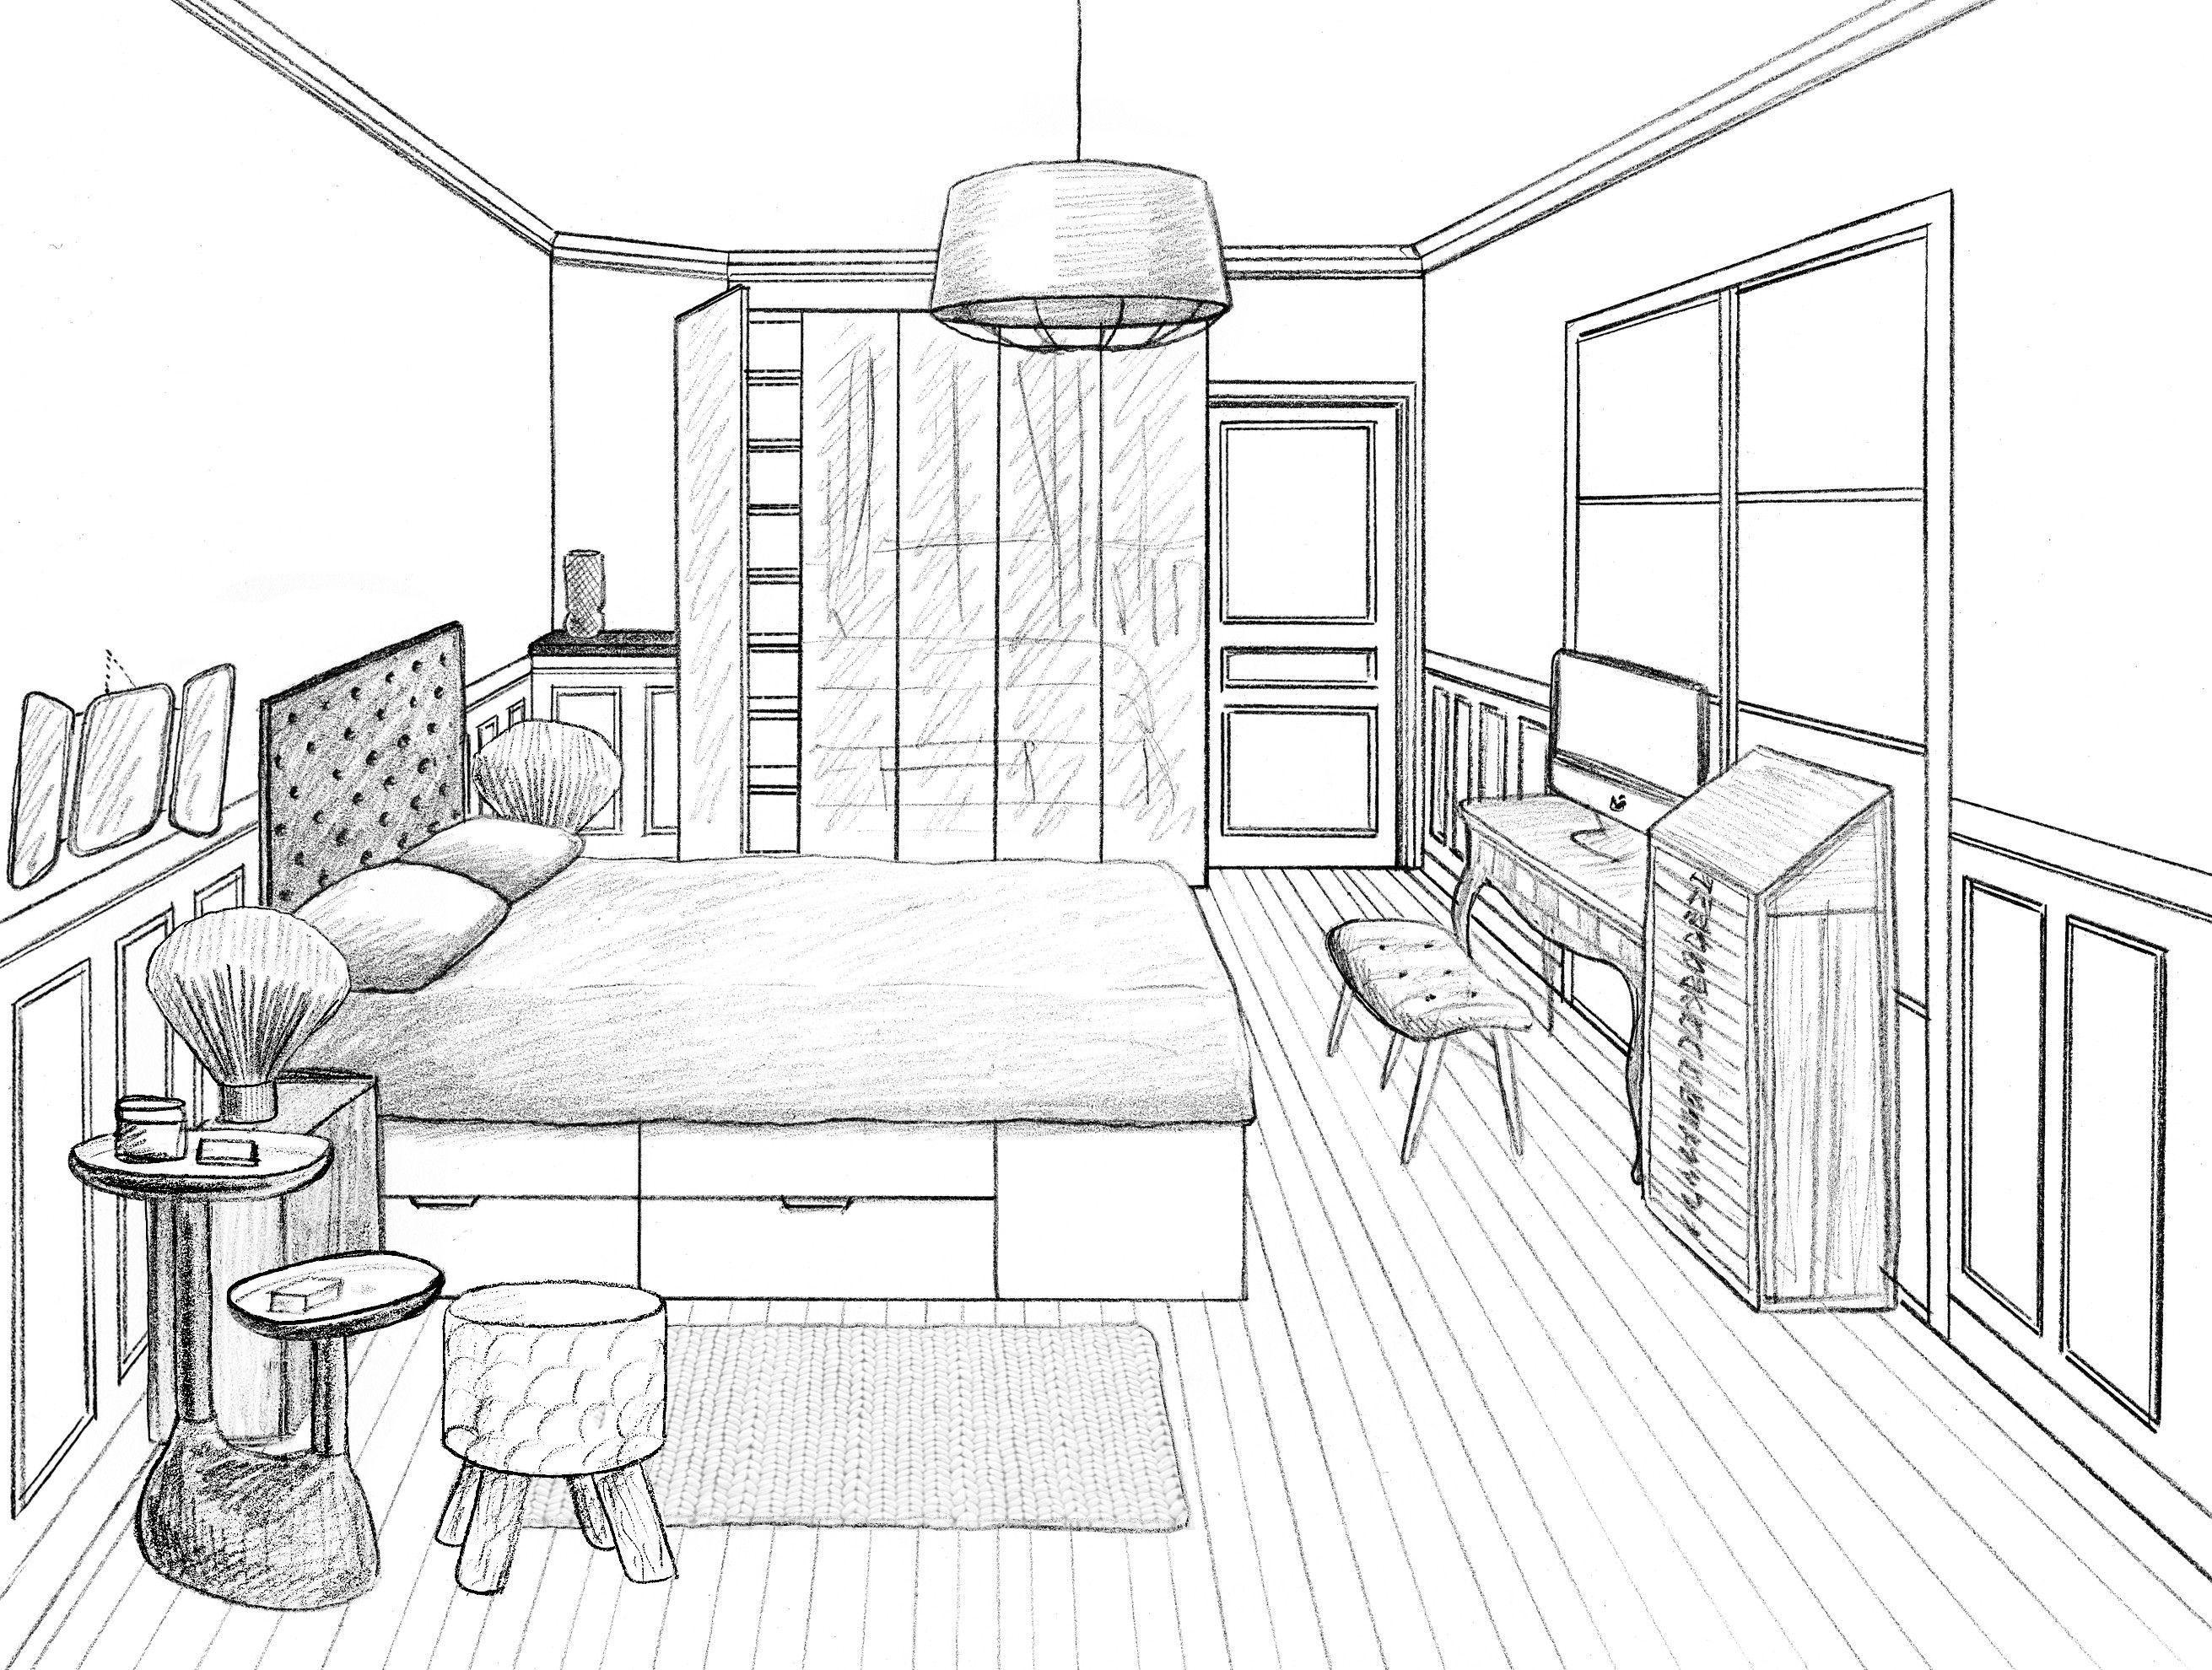 Chambre En Perspective Simple En 2020 Maison Dessin Chambre Ado Dessin Croquis Maison